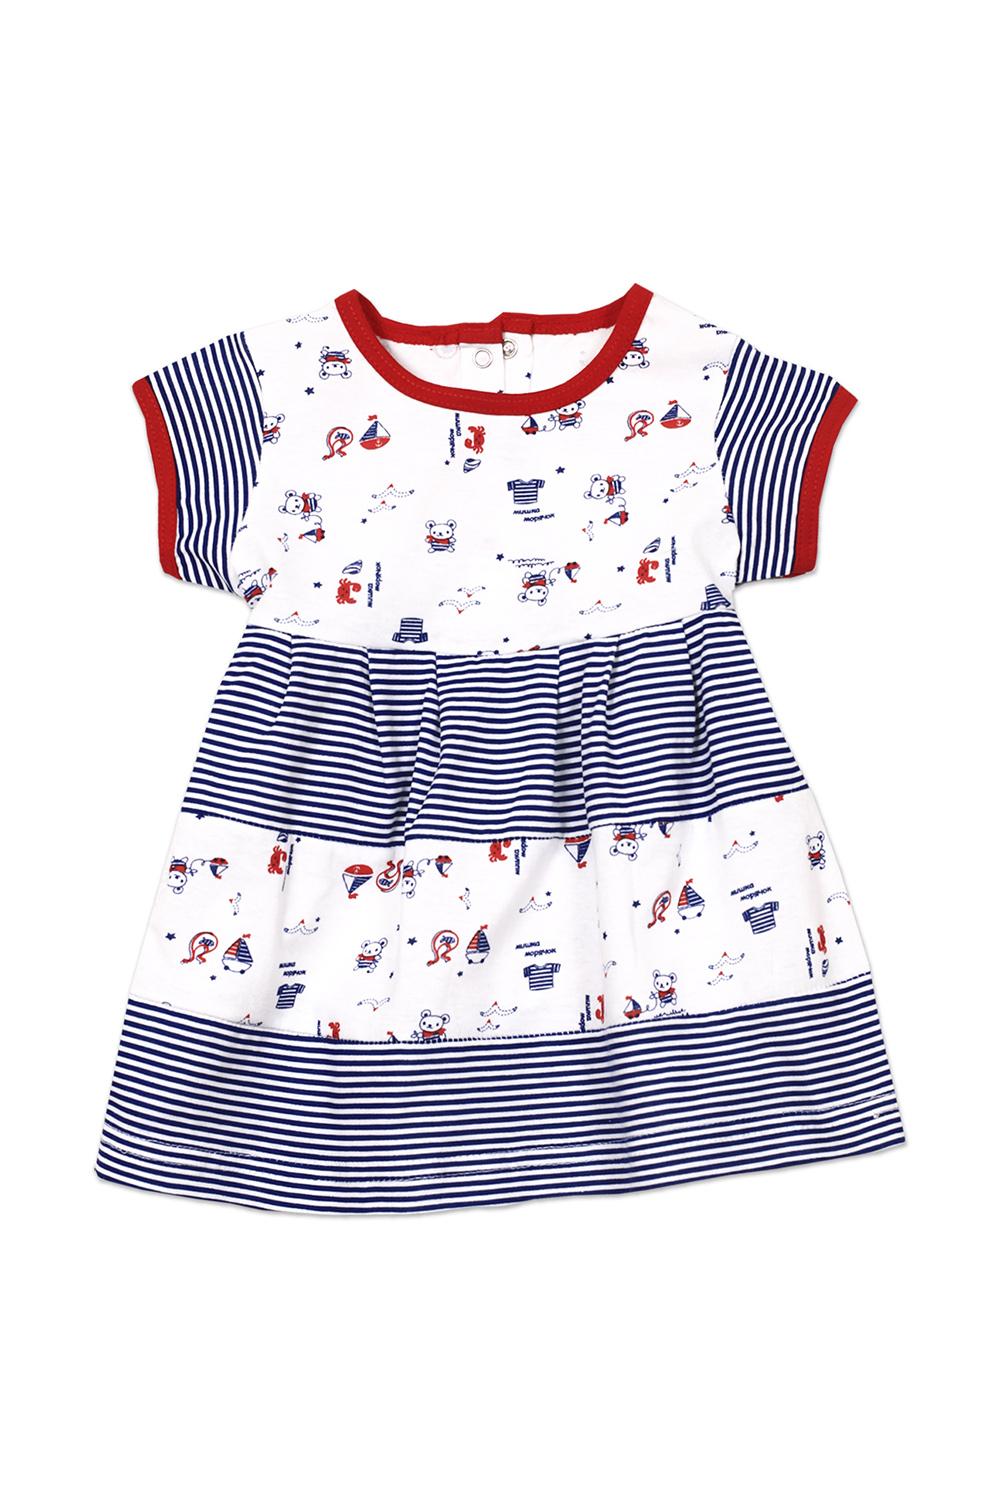 ПлатьеПлатья<br>Трикотажное платье для девочки.   В изделии использованы цвета: синий, белый, красный и др.   Размер соответствует росту ребенка<br><br>Воротник: Отложной<br>Горловина: С- горловина<br>По возрасту: Ясельные ( от 1 до 3 лет)<br>По длине: Миди<br>По материалу: Трикотажные,Хлопковые<br>По образу: Повседневные<br>По рисунку: С принтом (печатью),Цветные<br>По силуэту: Полуприталенные<br>По стилю: Повседневные<br>По форме: Трапеция<br>Рукав: Короткий рукав<br>По сезону: Лето<br>Размер : 62,68<br>Материал: Трикотаж<br>Количество в наличии: 4